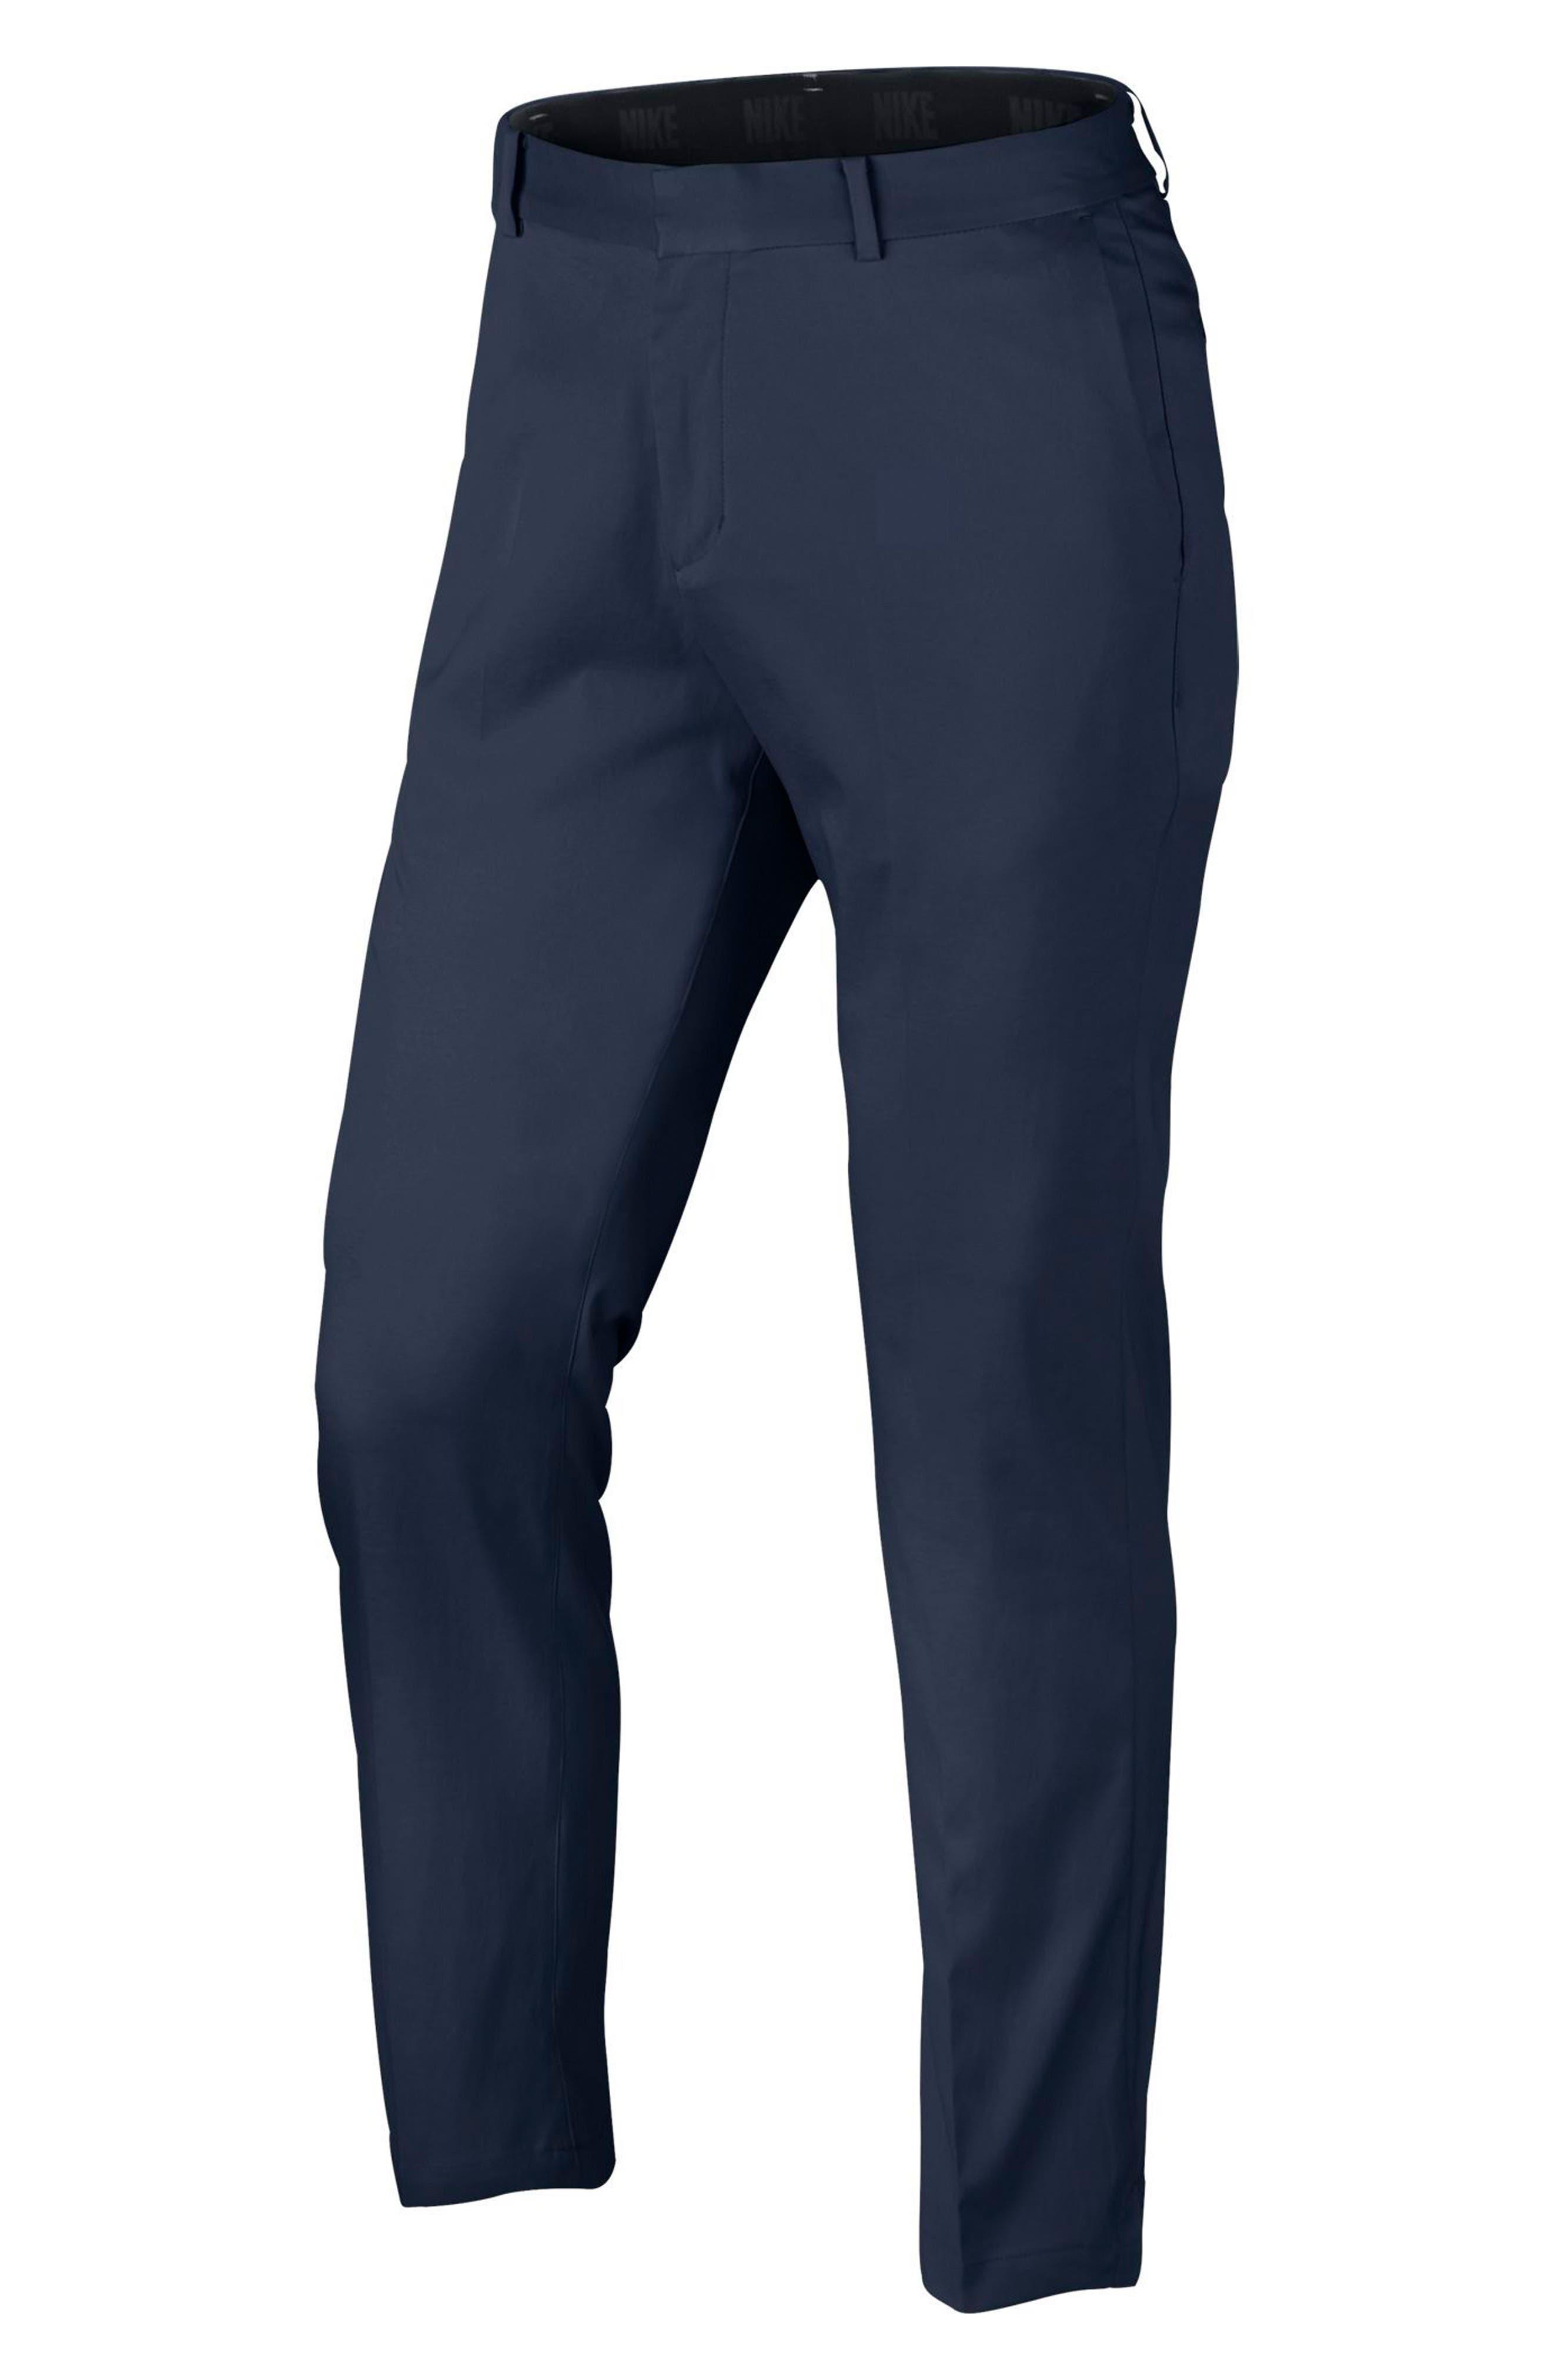 Flat Front Dri-FIT Tech Golf Pants,                             Alternate thumbnail 49, color,